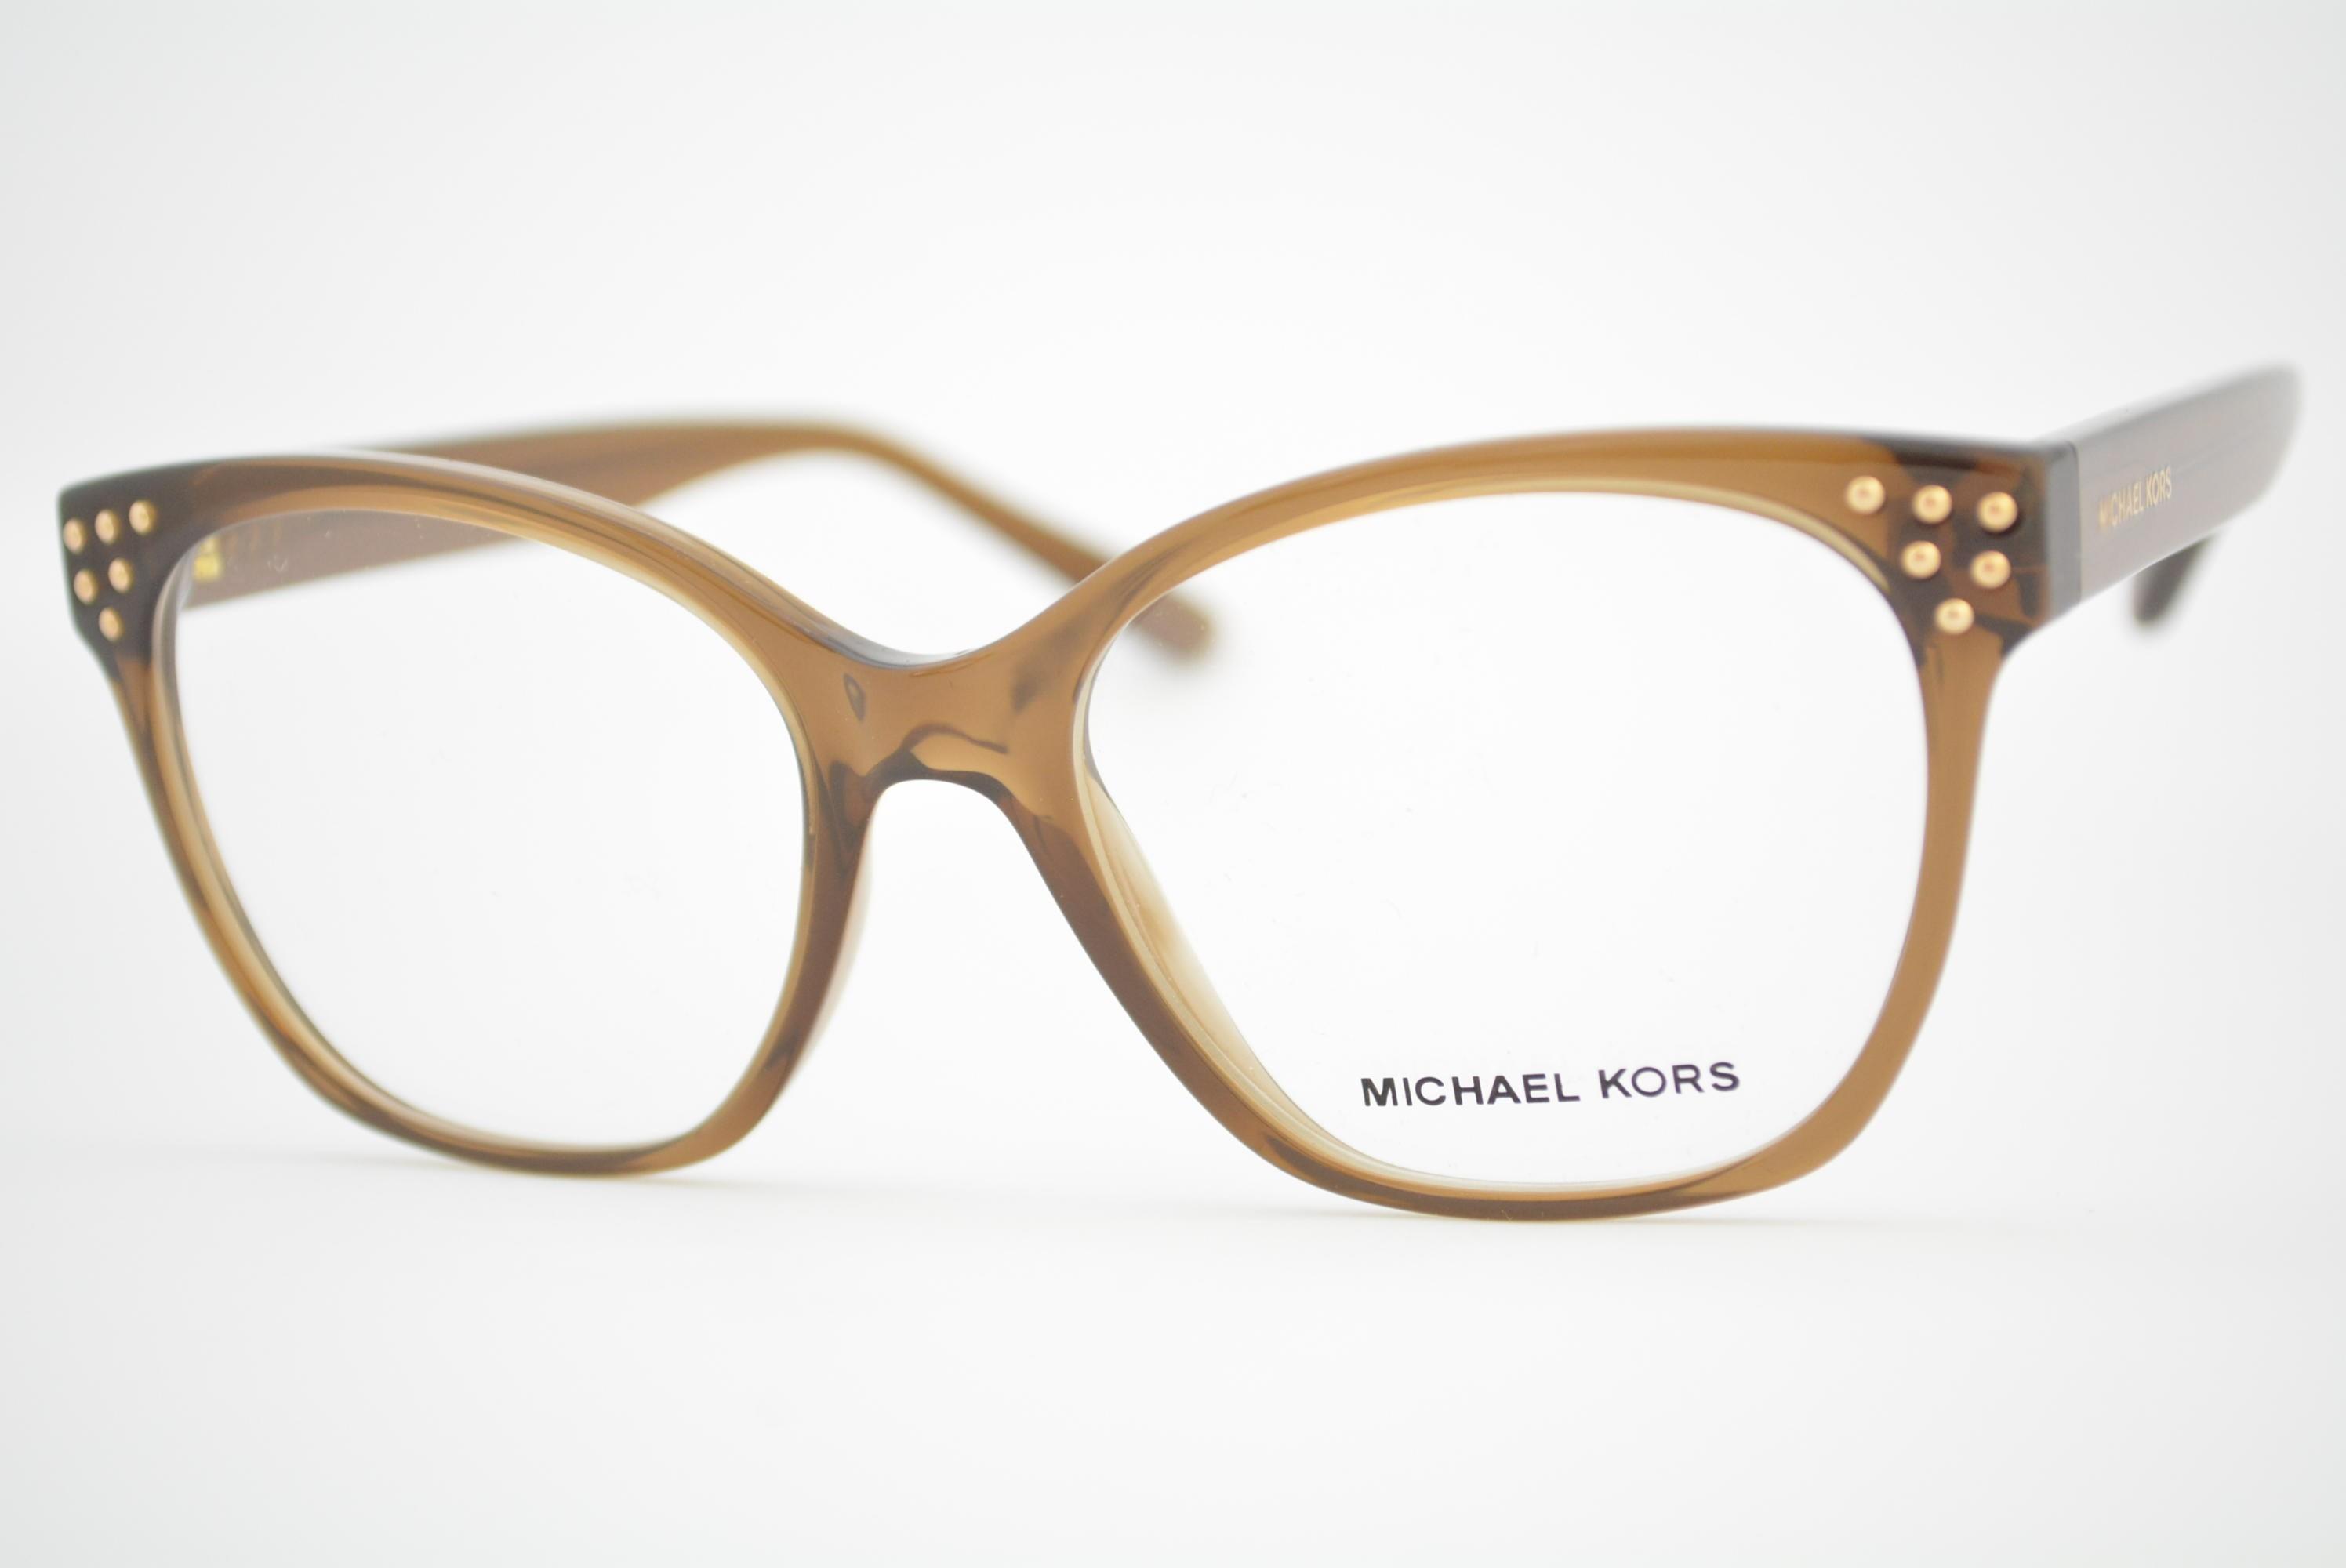 e421c9472ac11 armação de óculos Michael Kors mod mk4055 3349 Ótica Cardoso